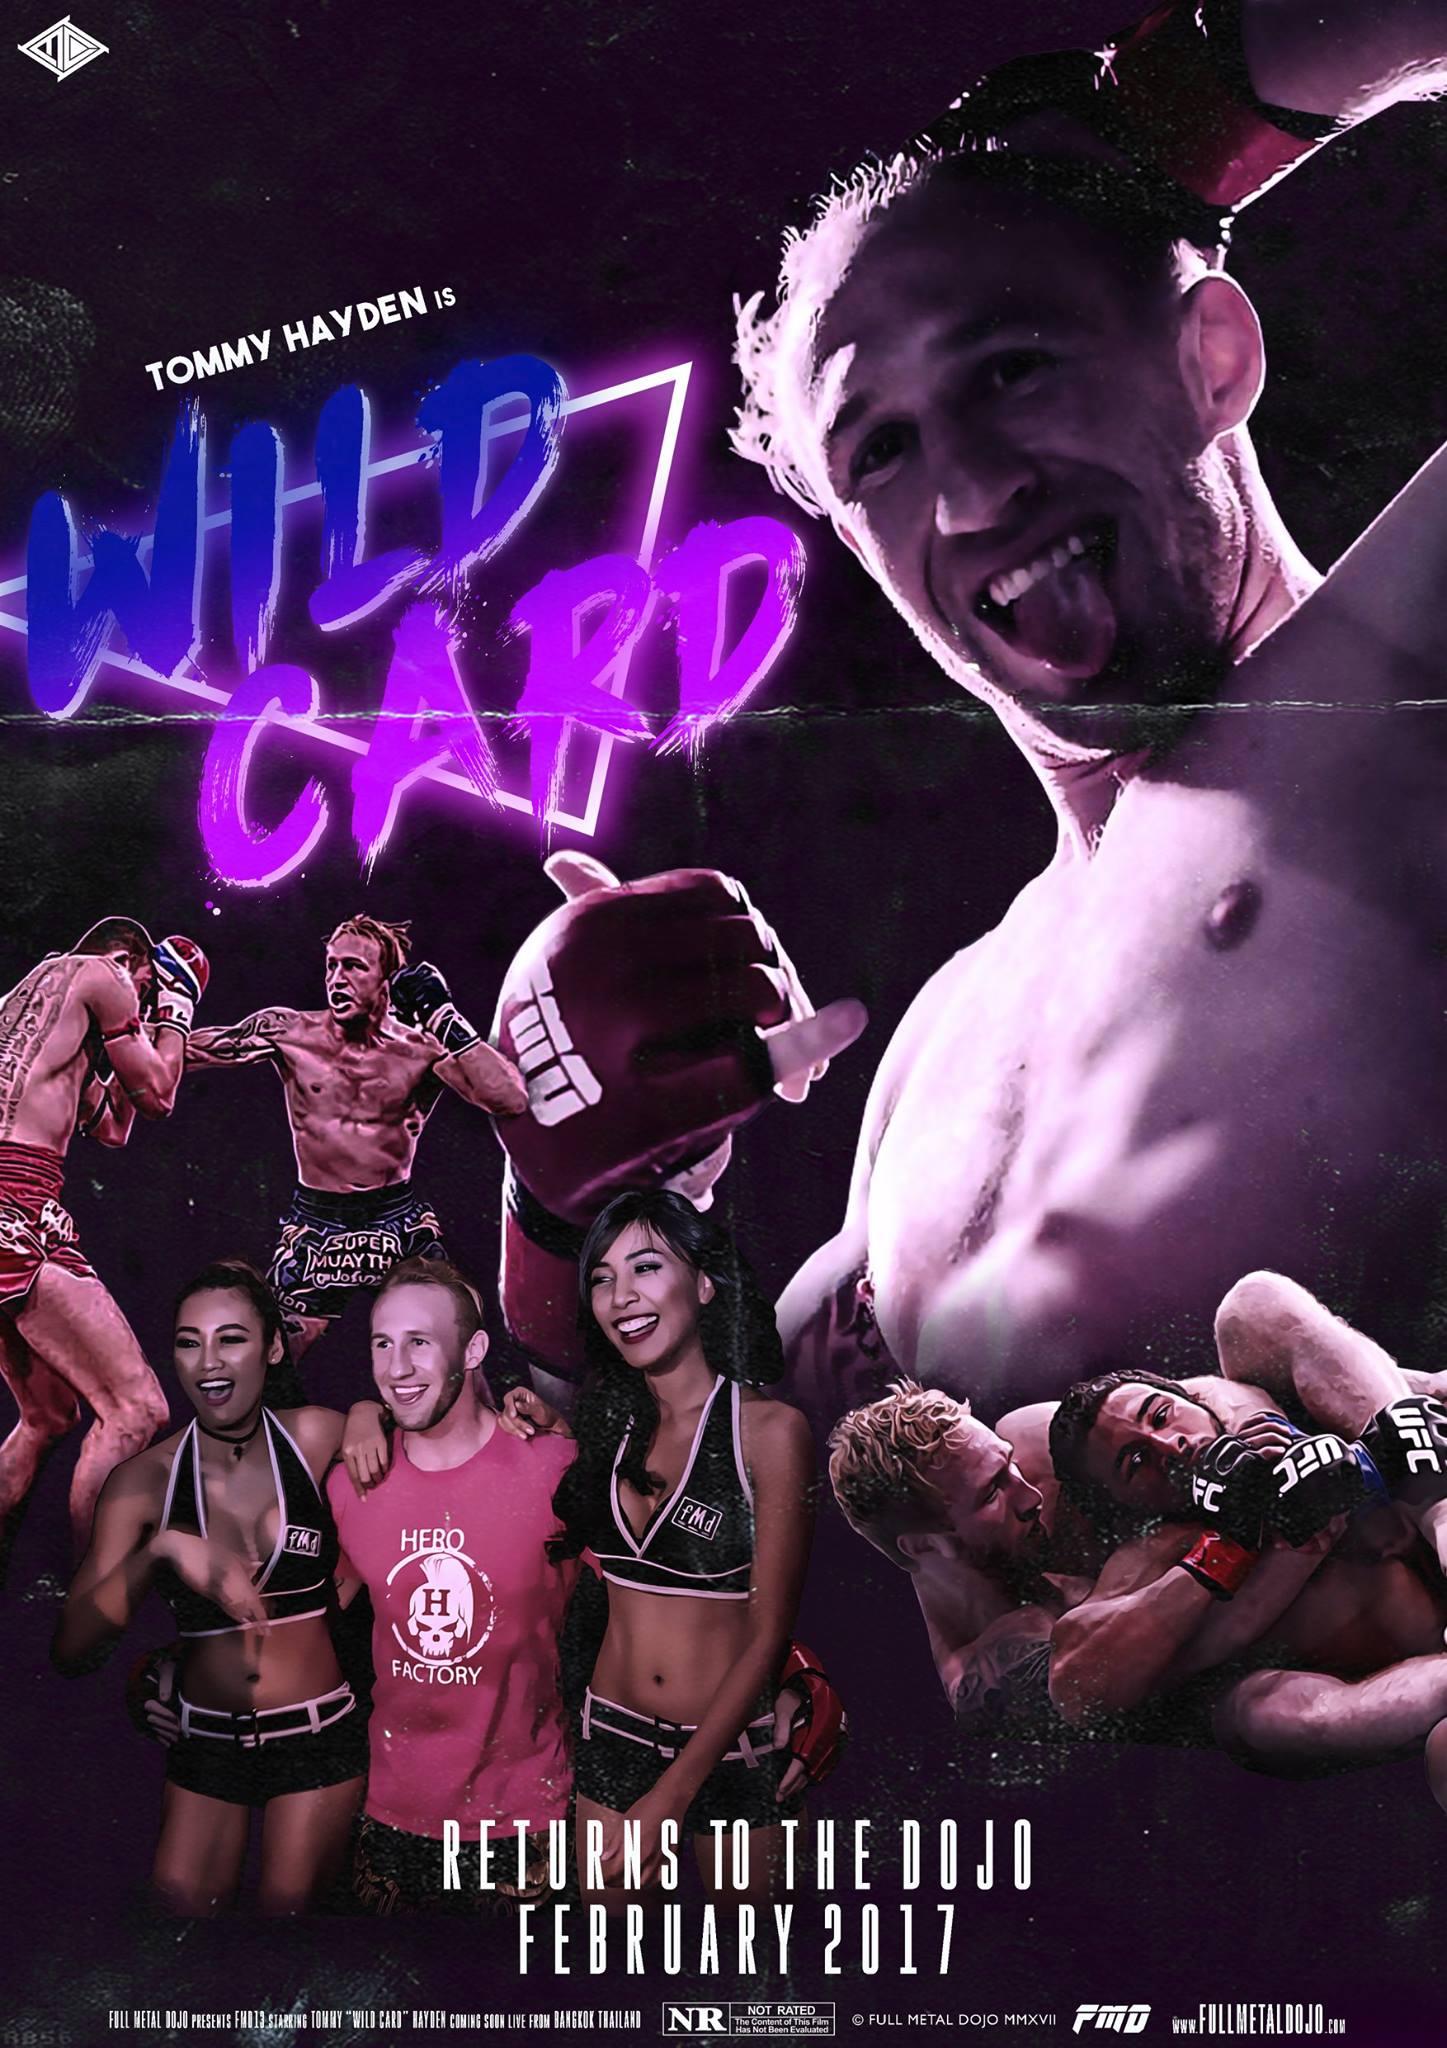 Tommy Wild Card Hayden